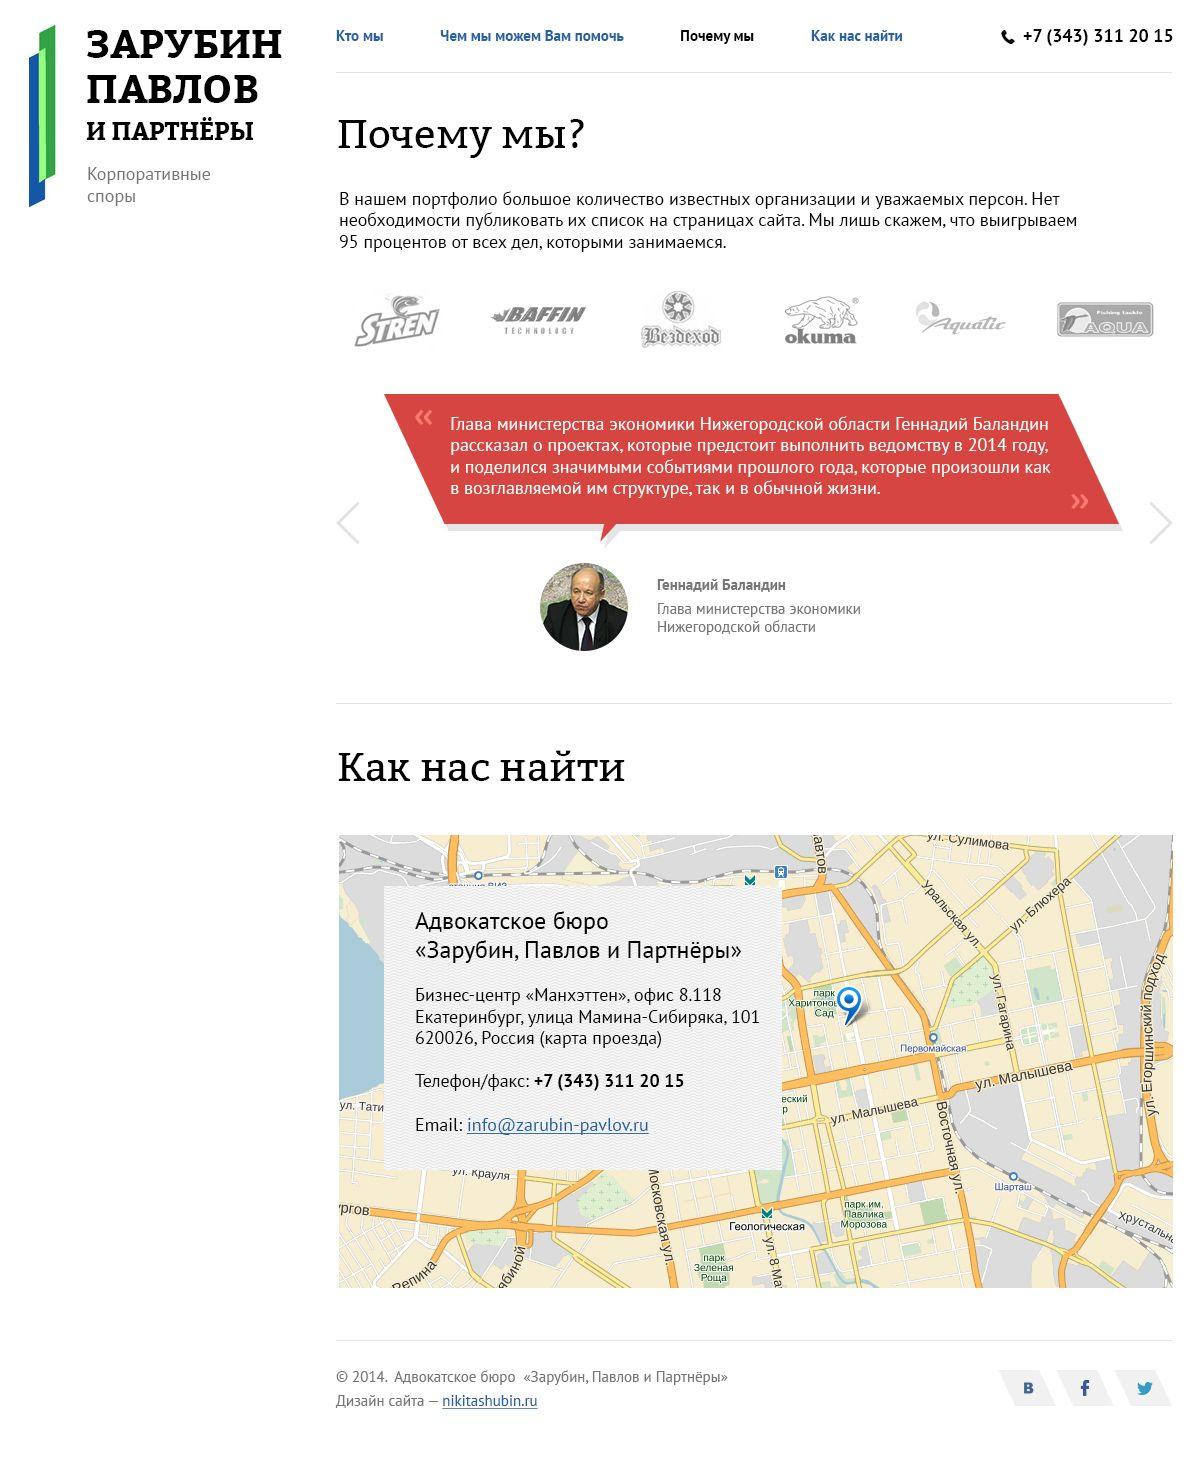 Дизайн сайта для адвокатского бюро. - дизайнер noxx